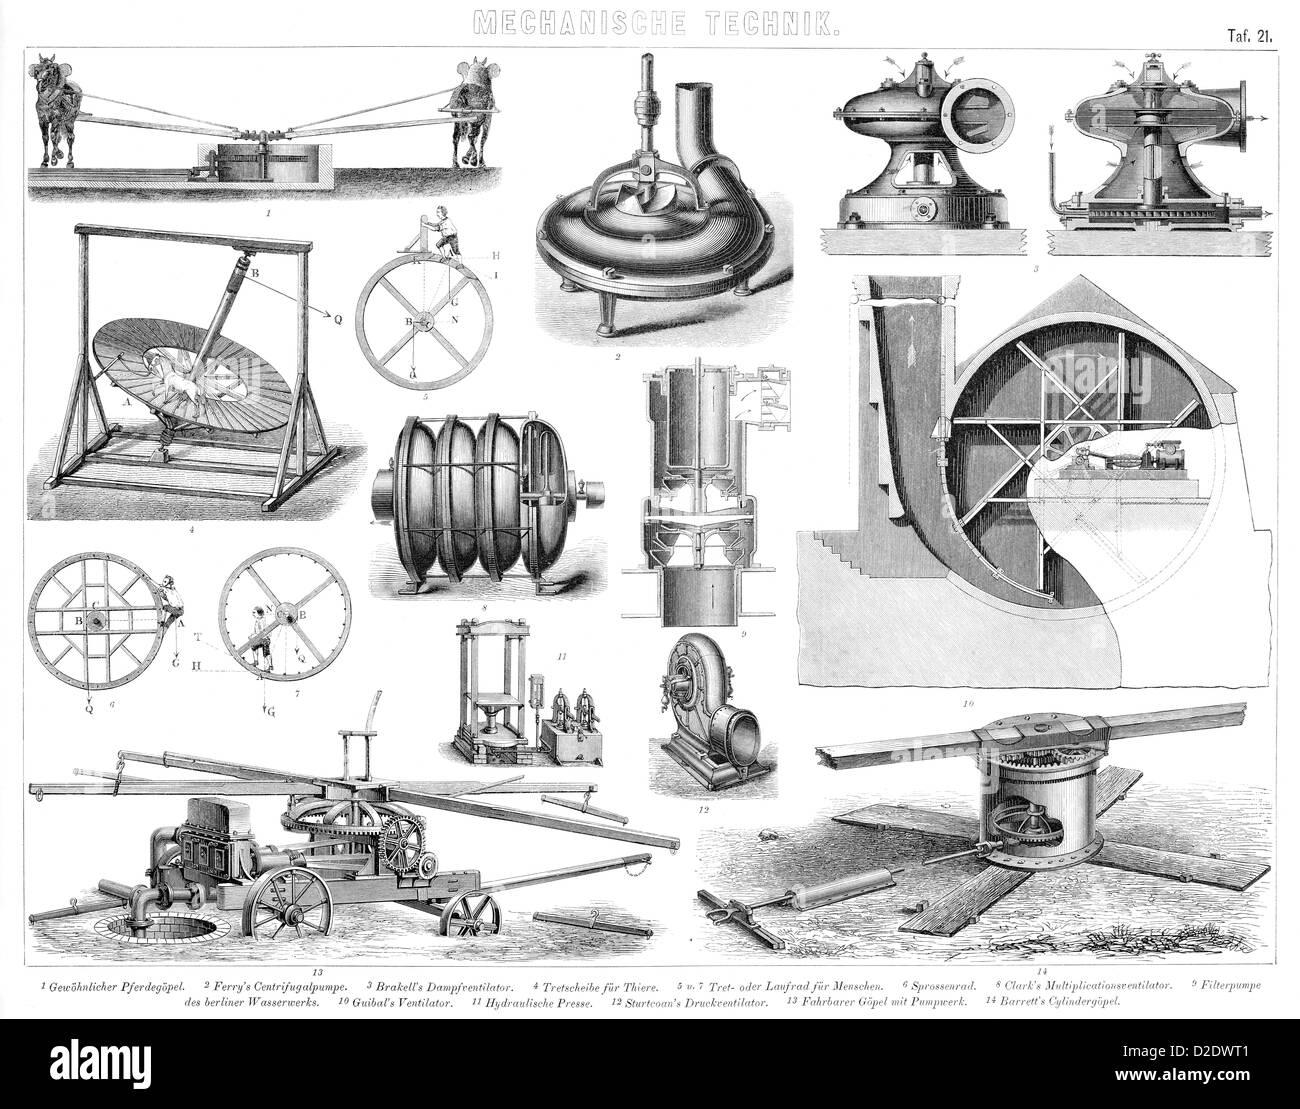 Vintage Dampfantrieb Propellermaschinen aus dem 19. Jahrhundert Stockbild